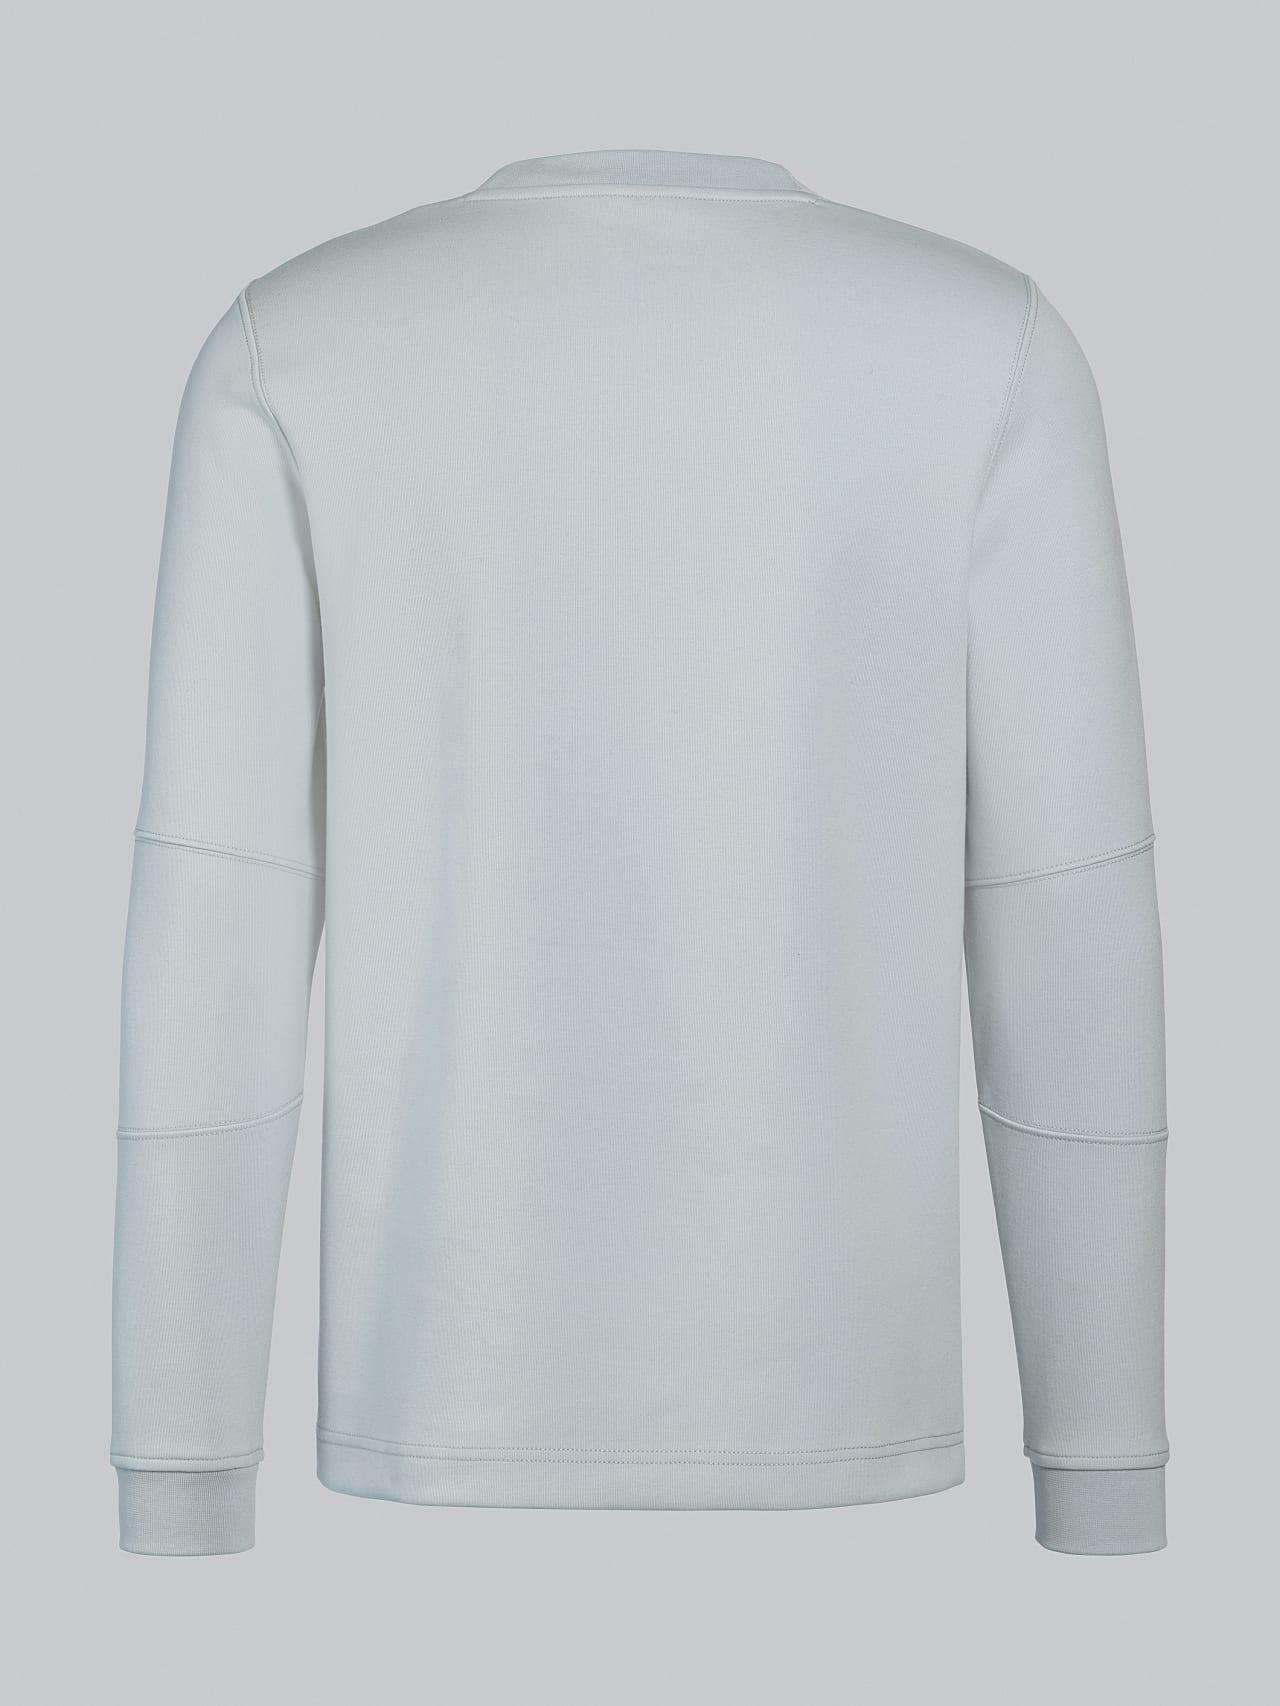 SCONA V1.Y5.02 Premium Sweatshirt Blass Blau Links Alpha Tauri